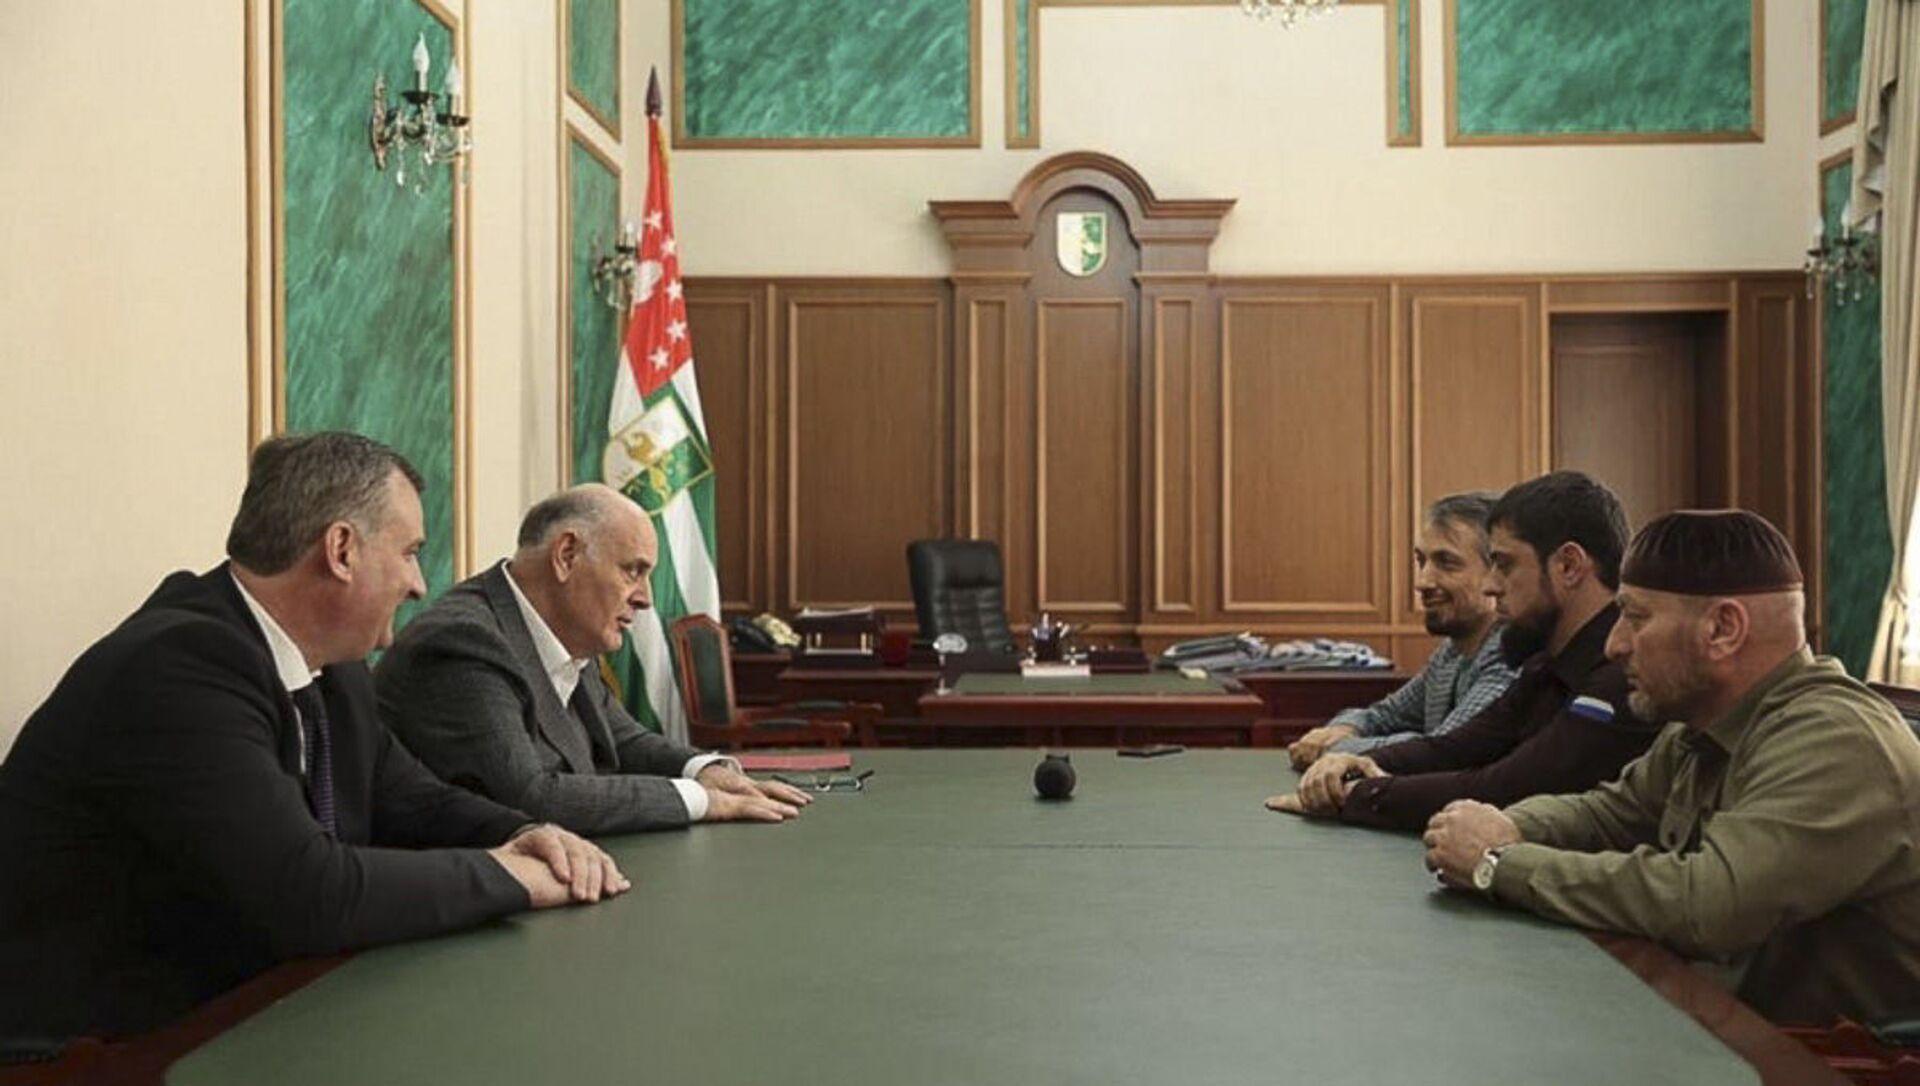 В Абхазию прибыла делегация из Чеченской Республике - Sputnik Абхазия, 1920, 30.08.2021